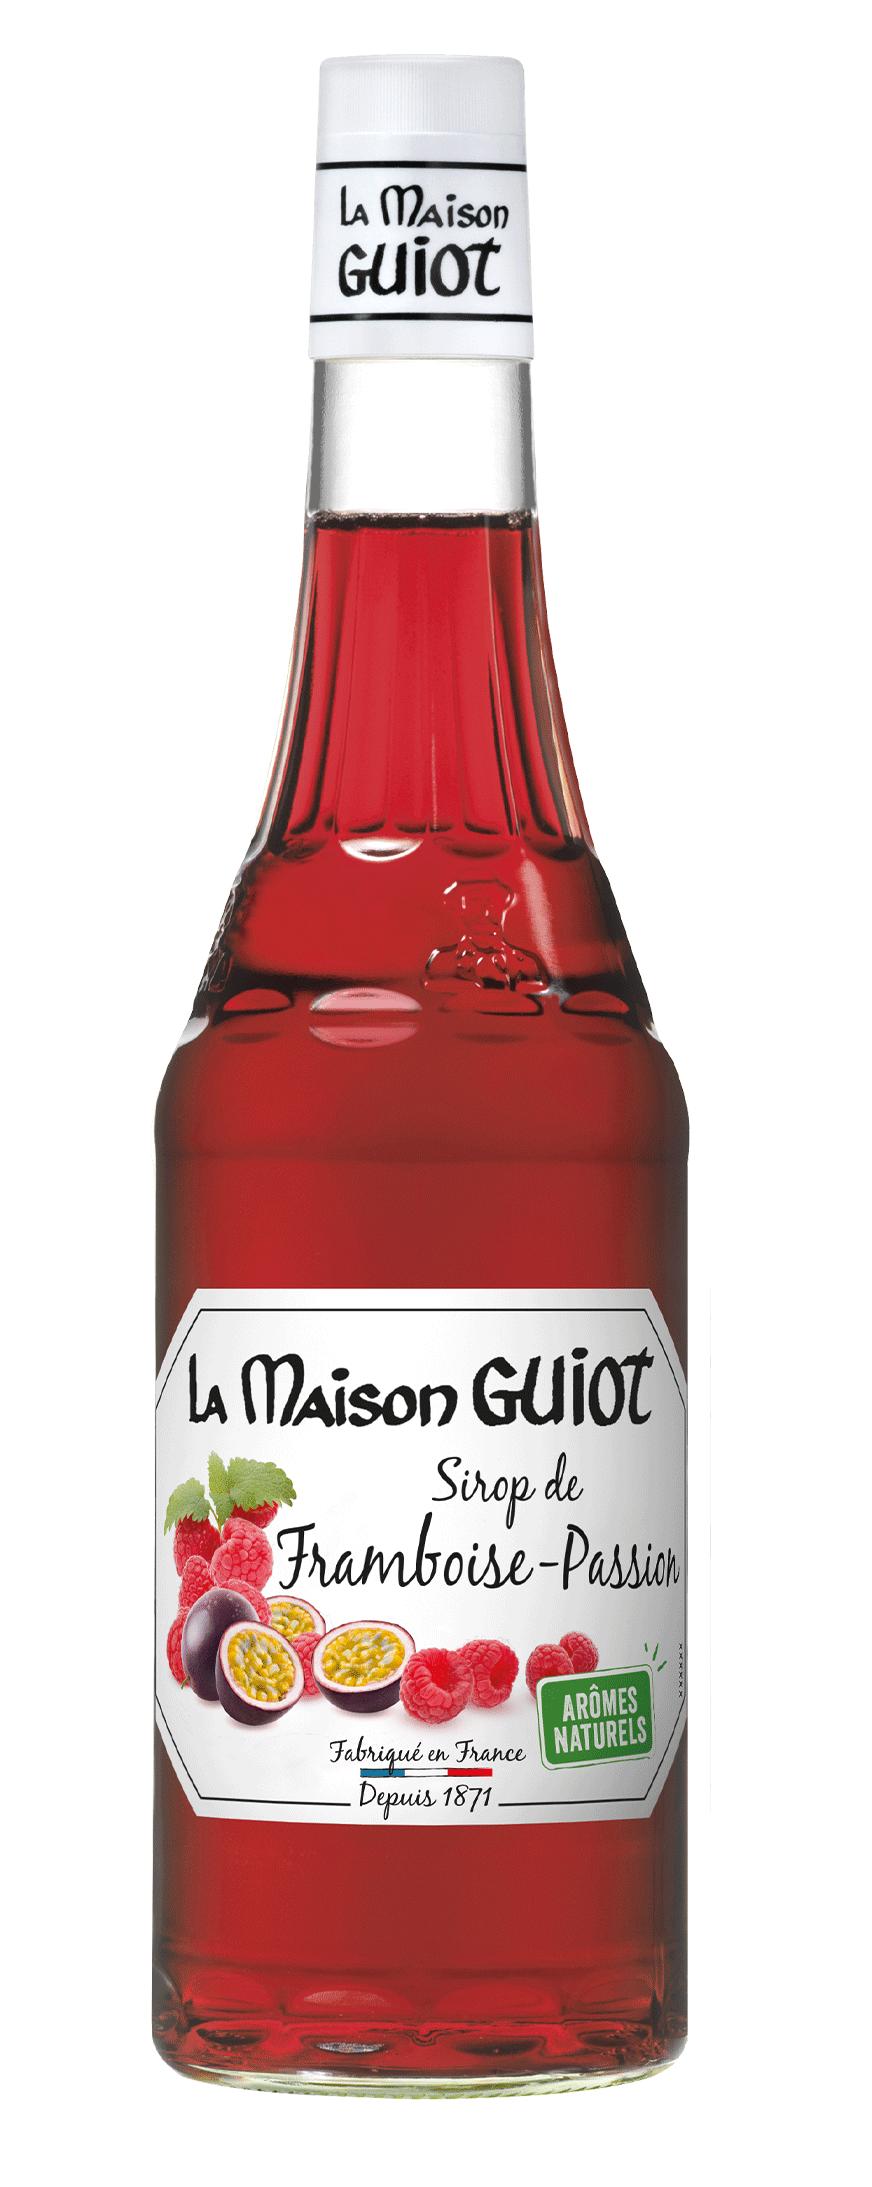 framboise passion - La Maison Guiot fête ses 150 ans